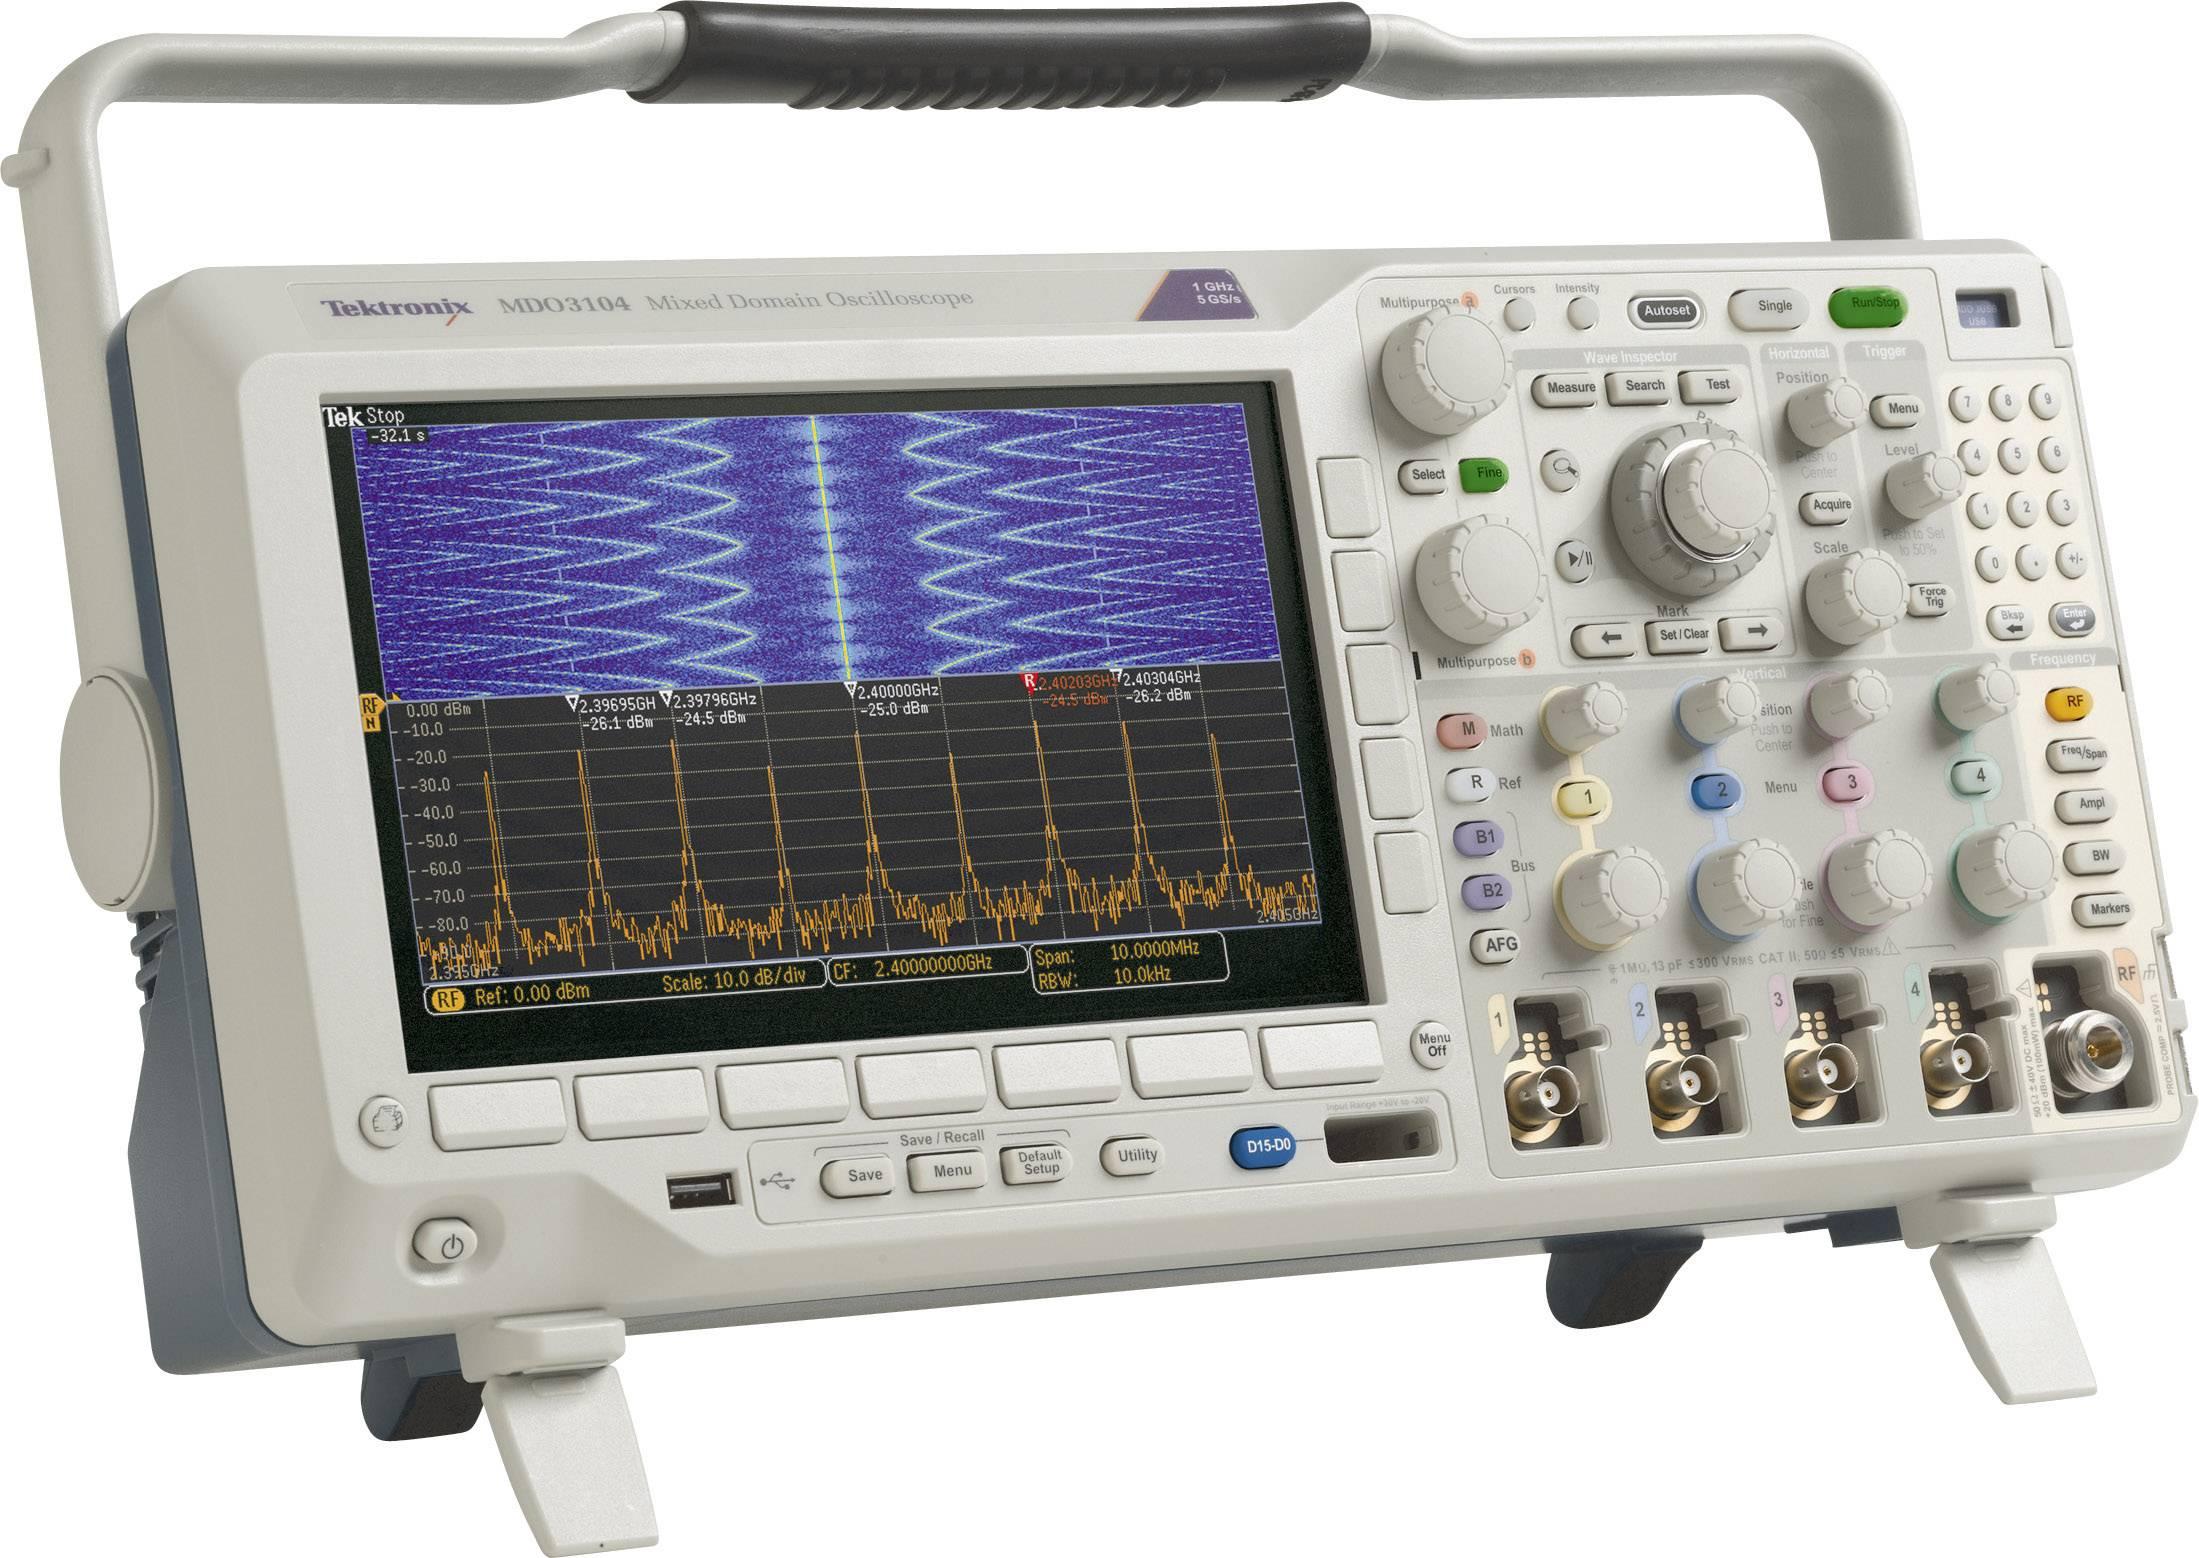 Digitální osciloskop Tektronix MDO3024, 200 MHz, 4kanálová